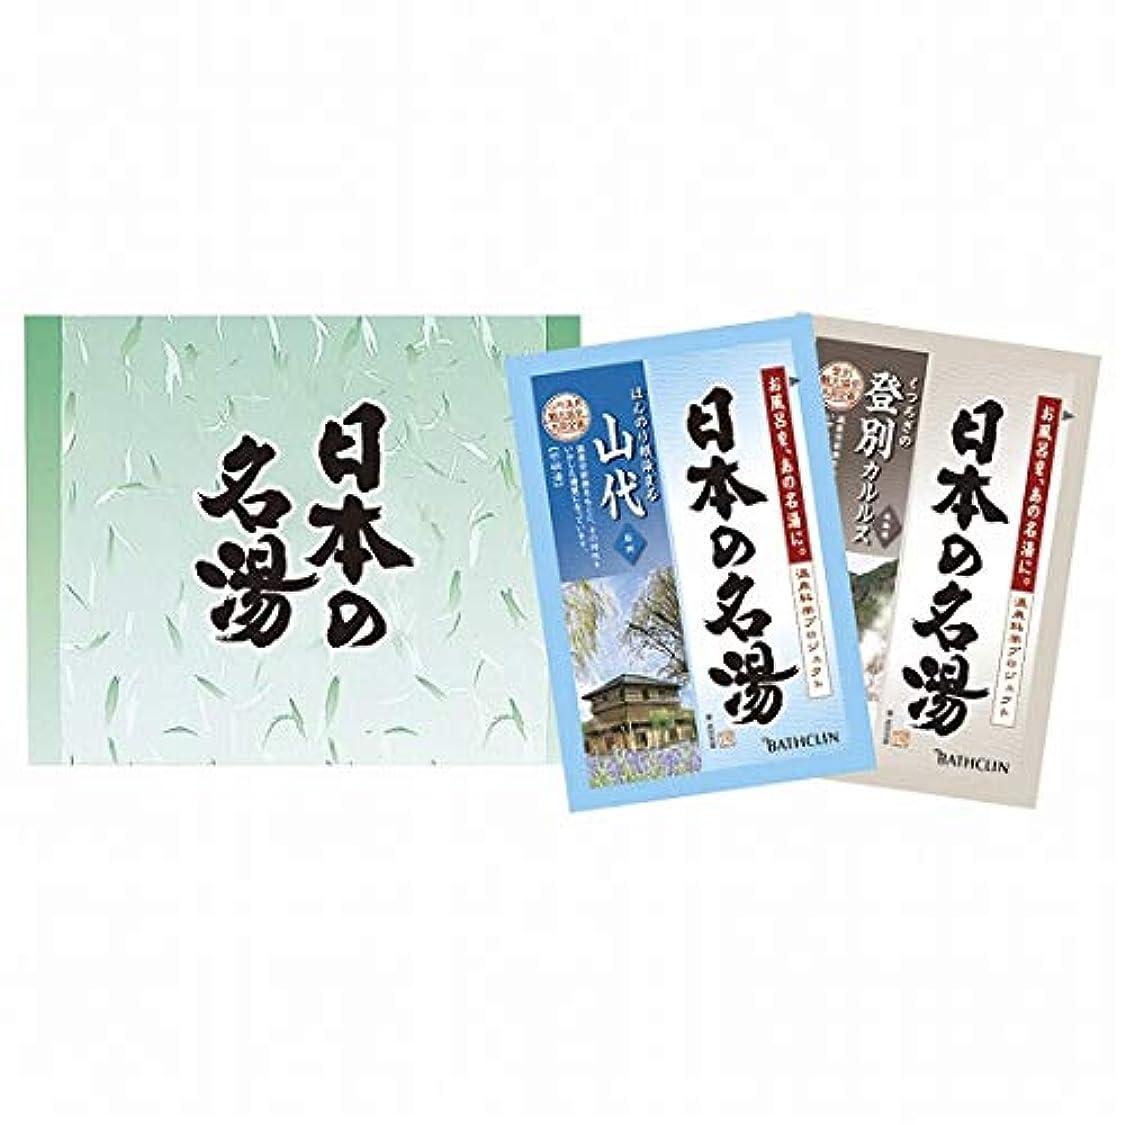 ケントモディッシュ記憶に残る日本の名湯2包セット